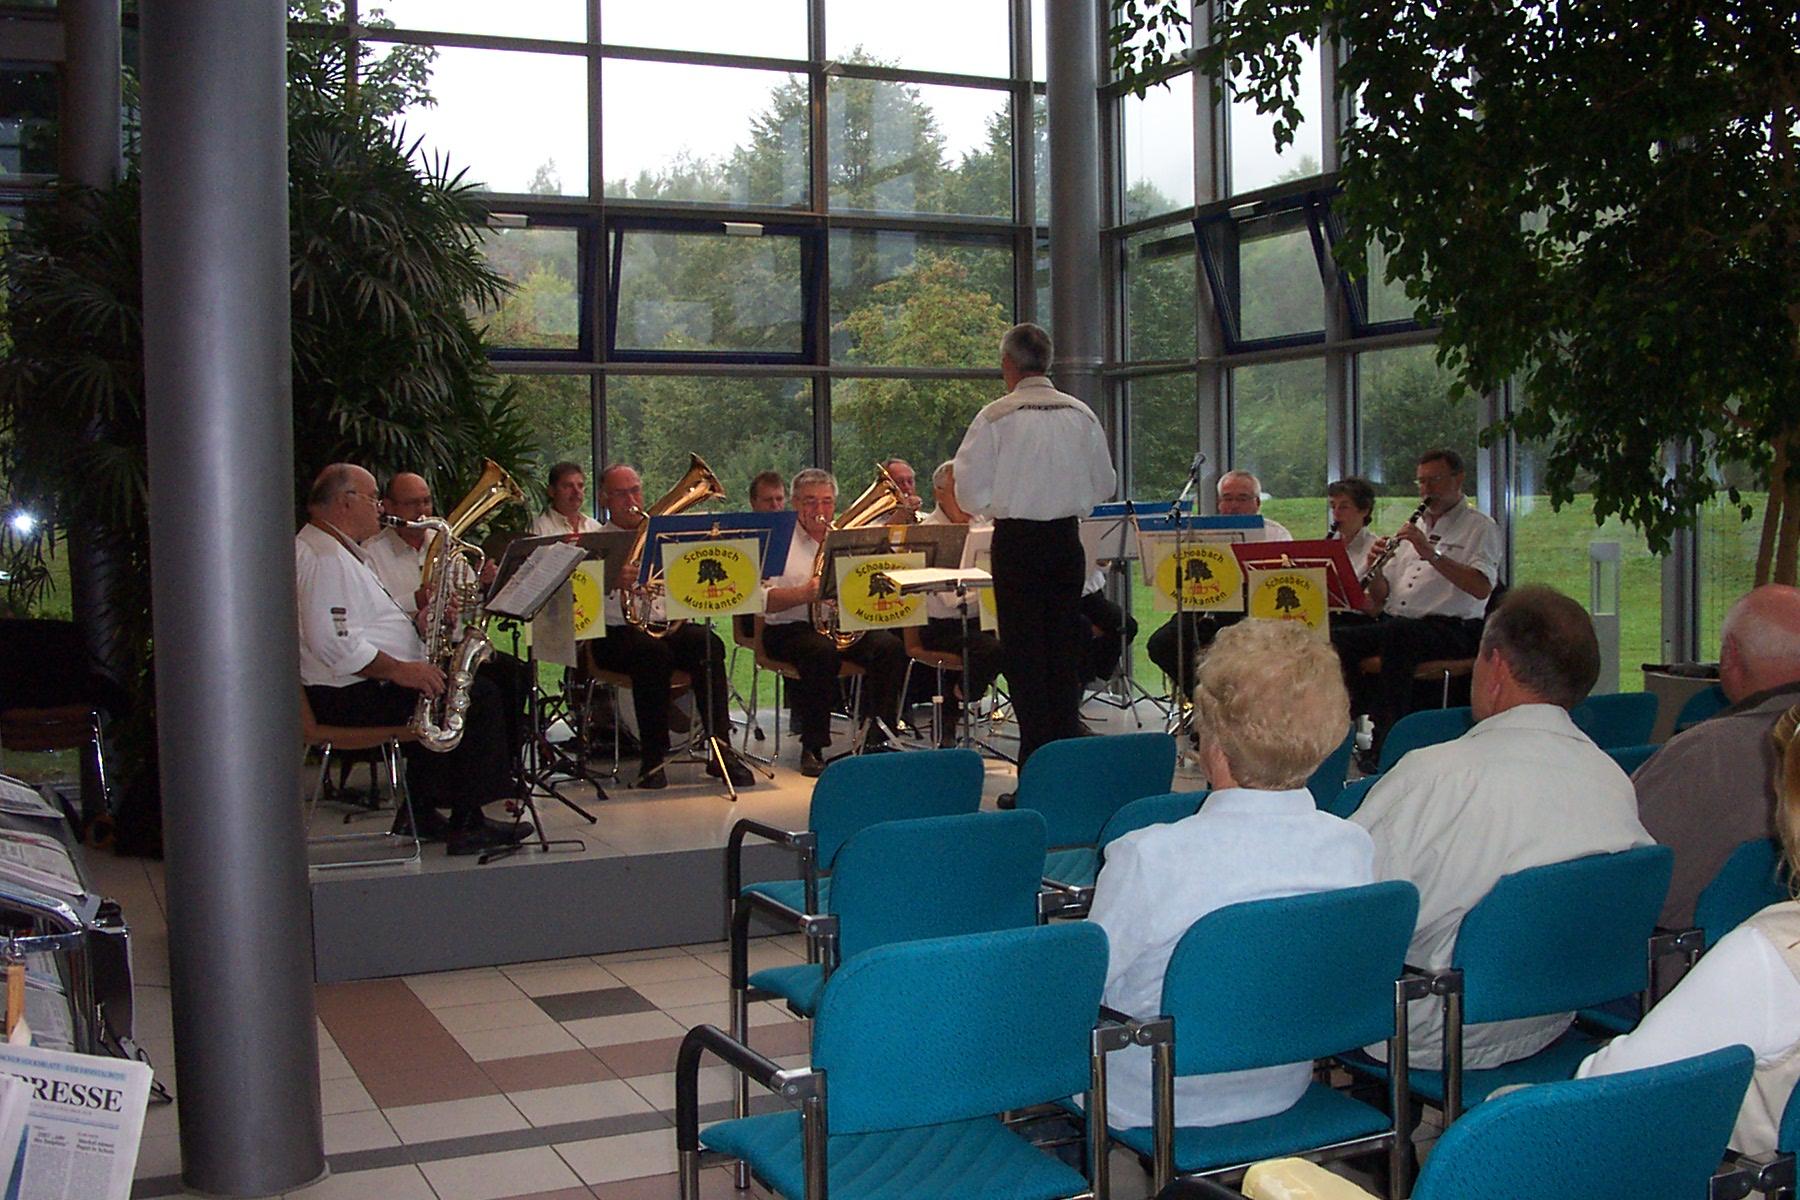 Kurkonzert Bad Urach Glashalle 17.09.2006